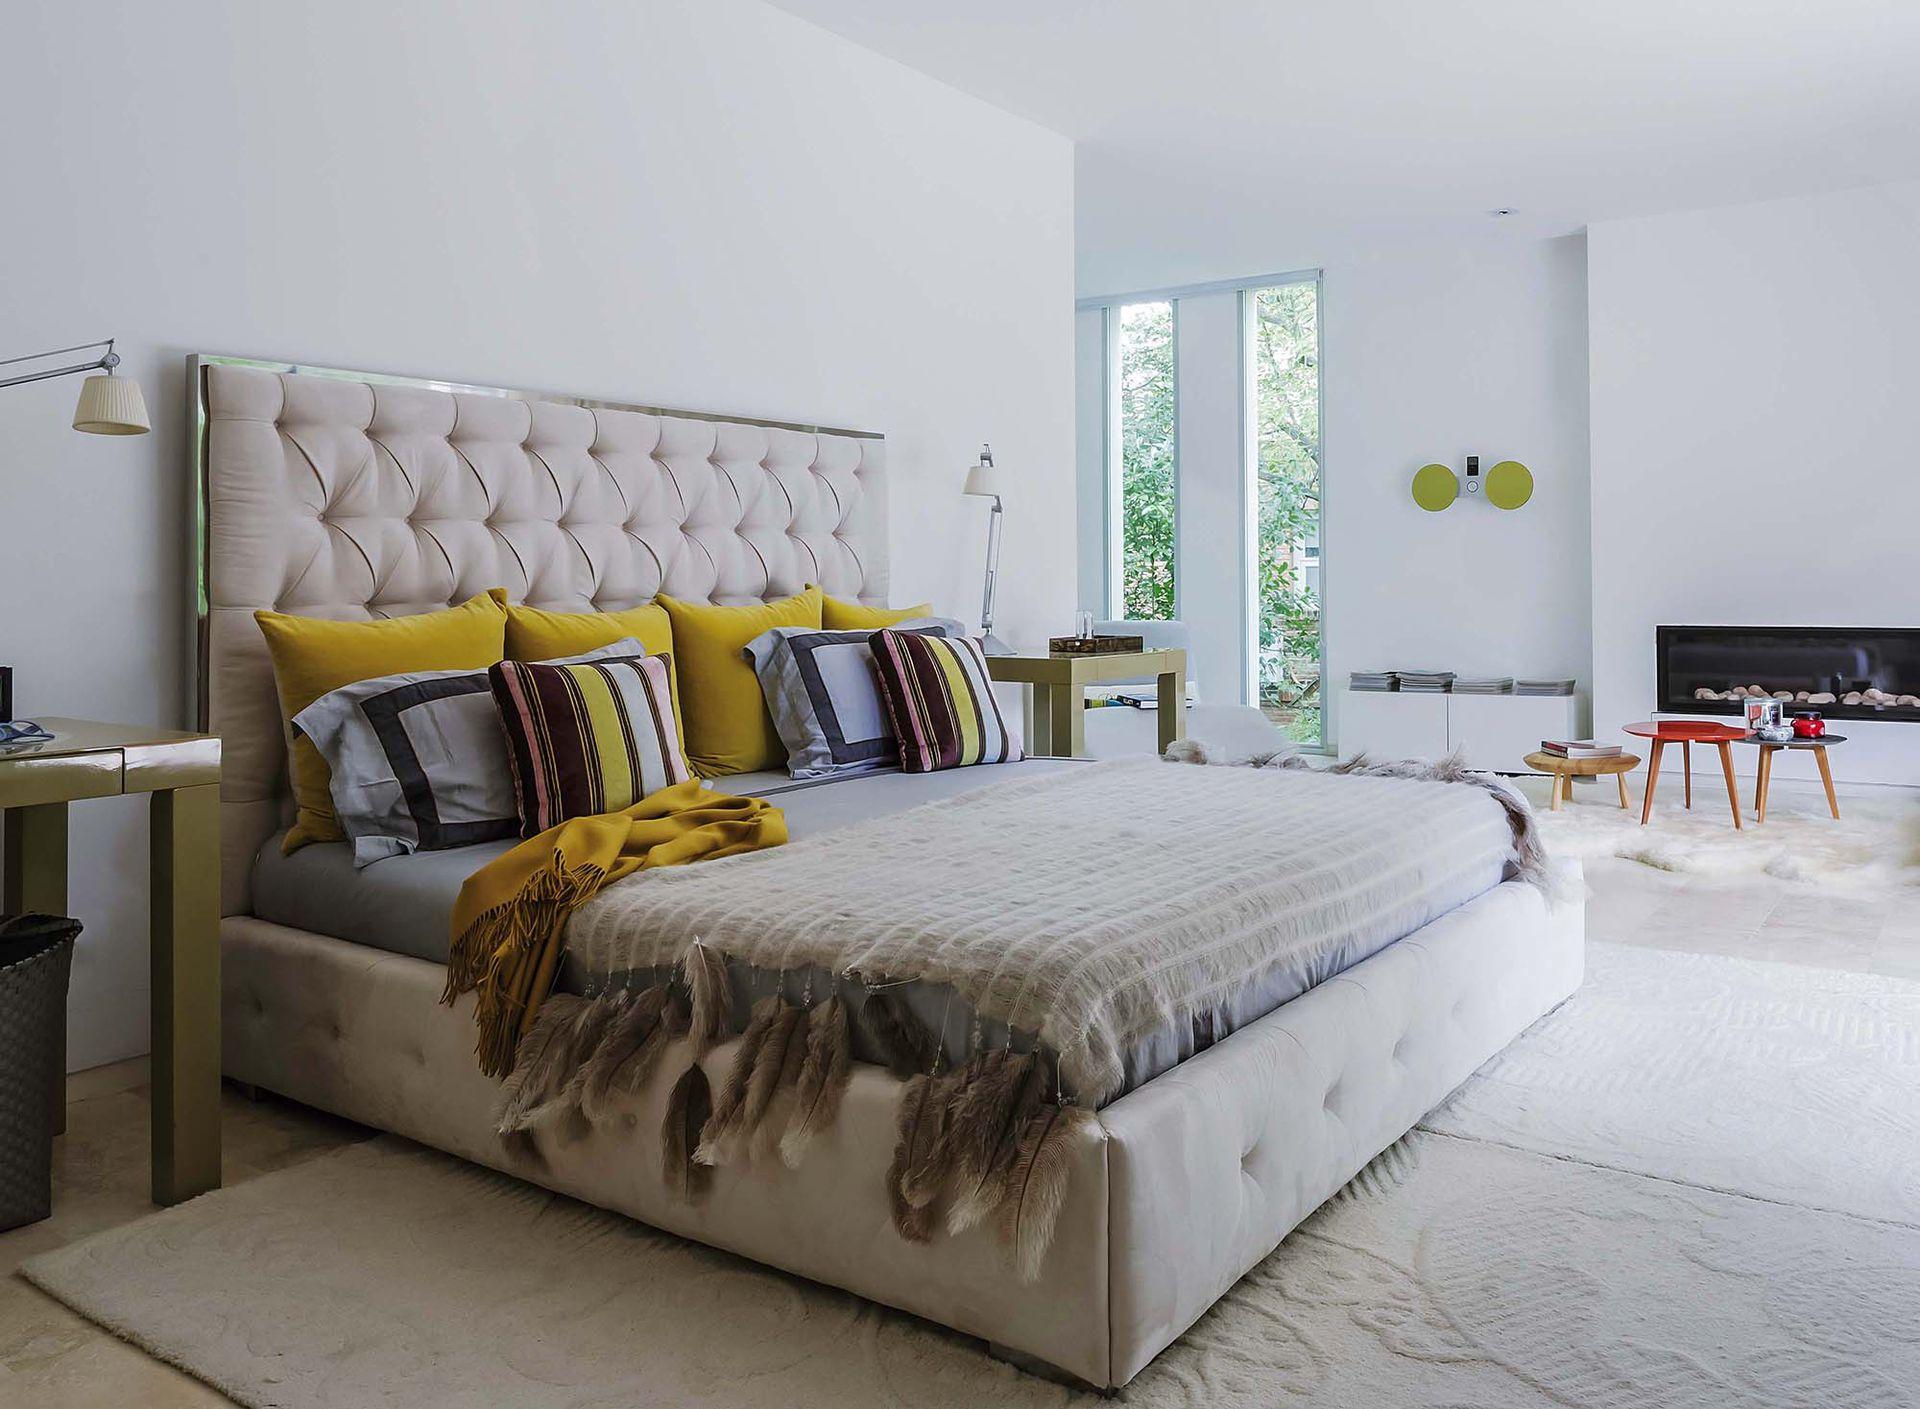 En la cama, pura calidez con tejidos, plumas y una manta color mostaza de Sekkei.